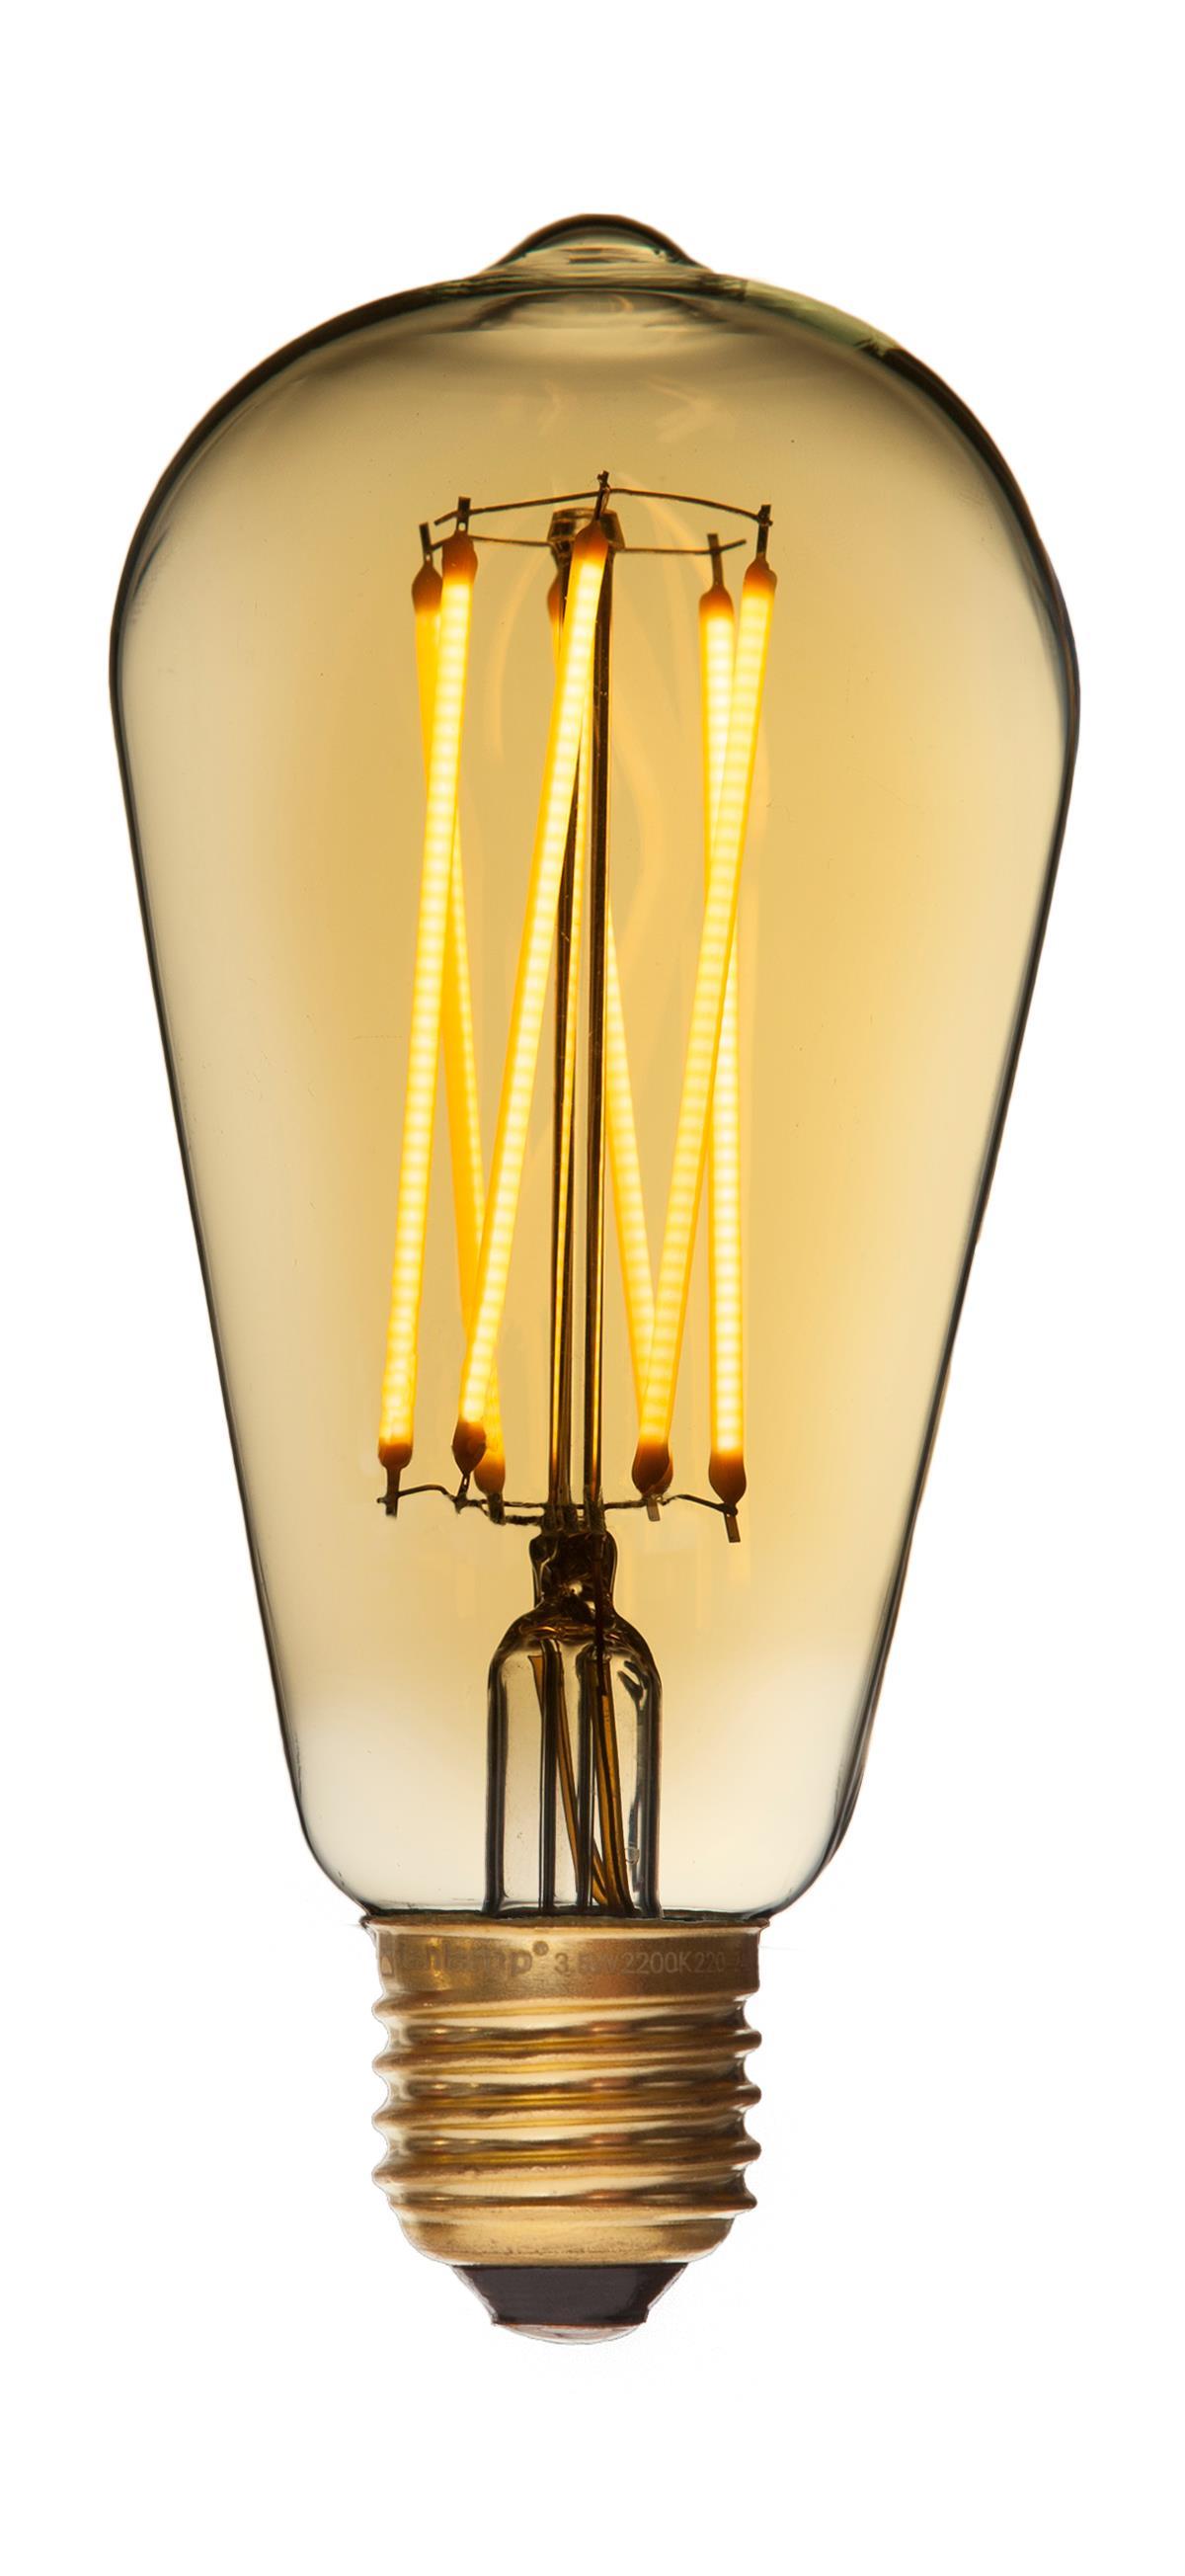 danlamp – E27 - 4w led edison gold fra luxlight.dk